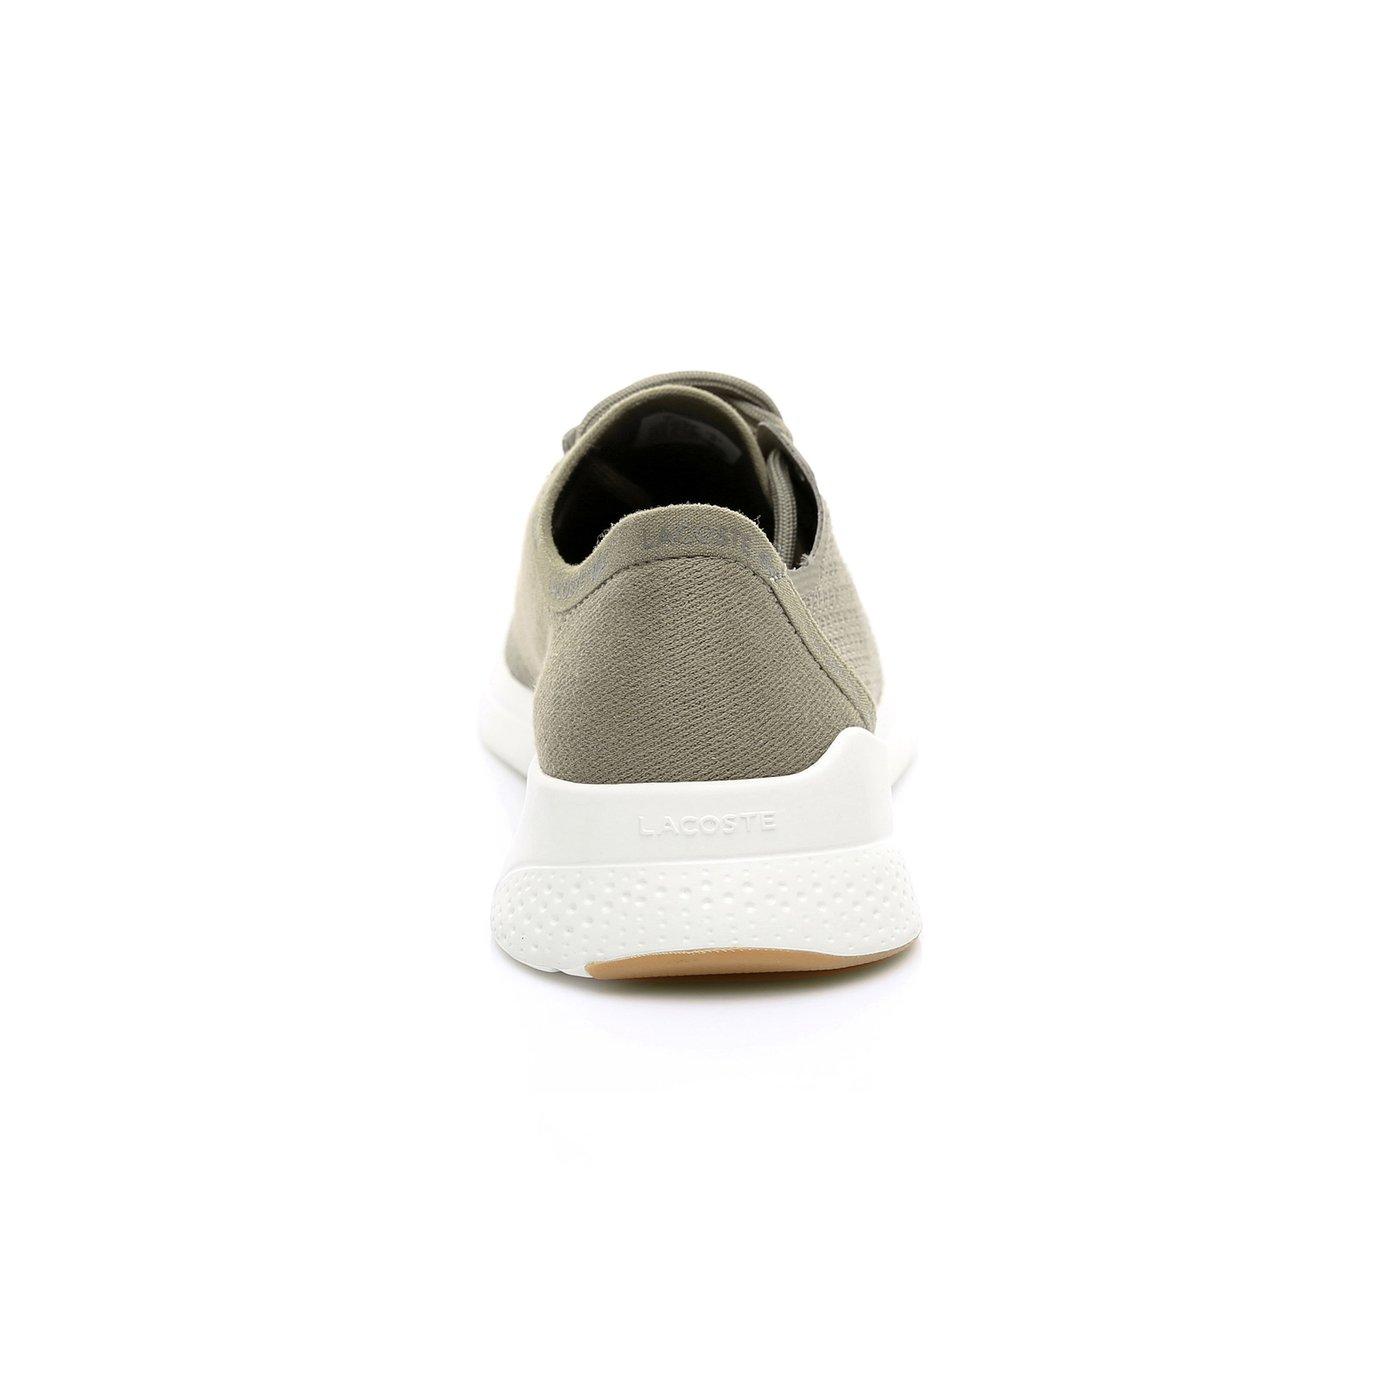 Lacoste Kadın Haki - Bej LT Fit 119 1 Spor Ayakkabı